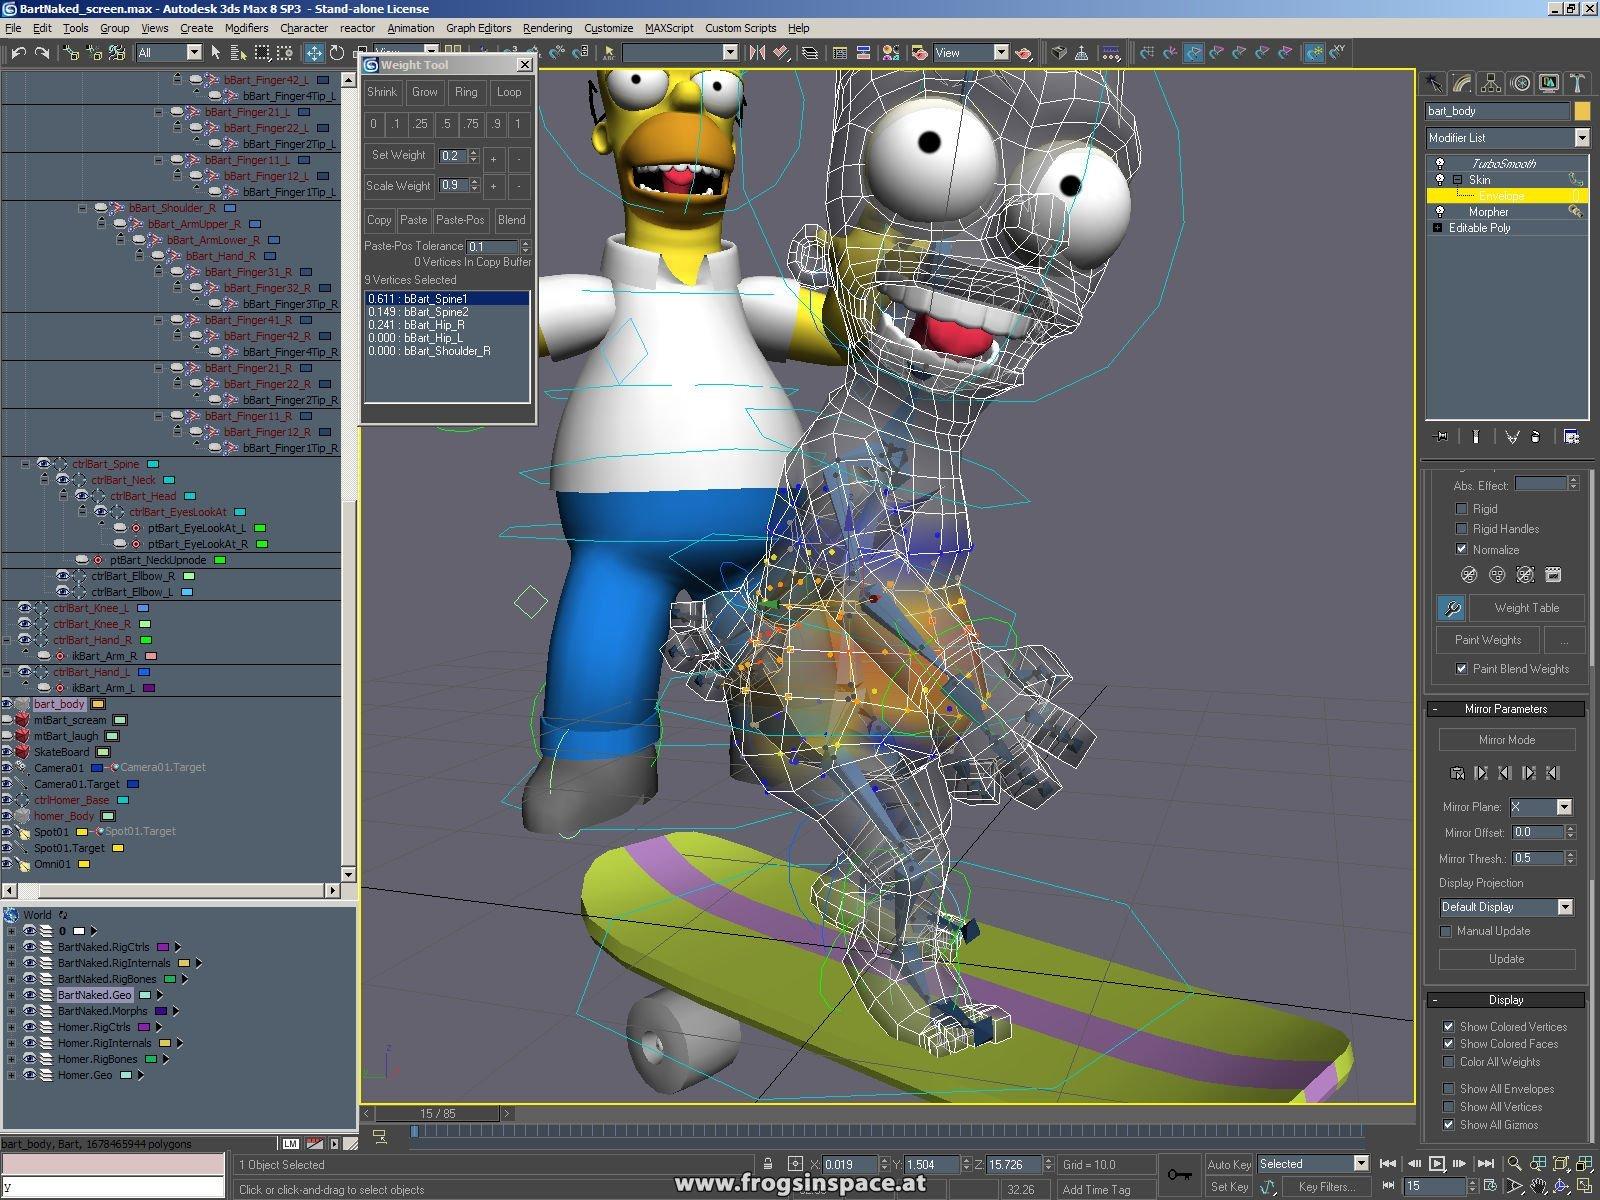 2007_SIMP_3dsmax_screen_skinning